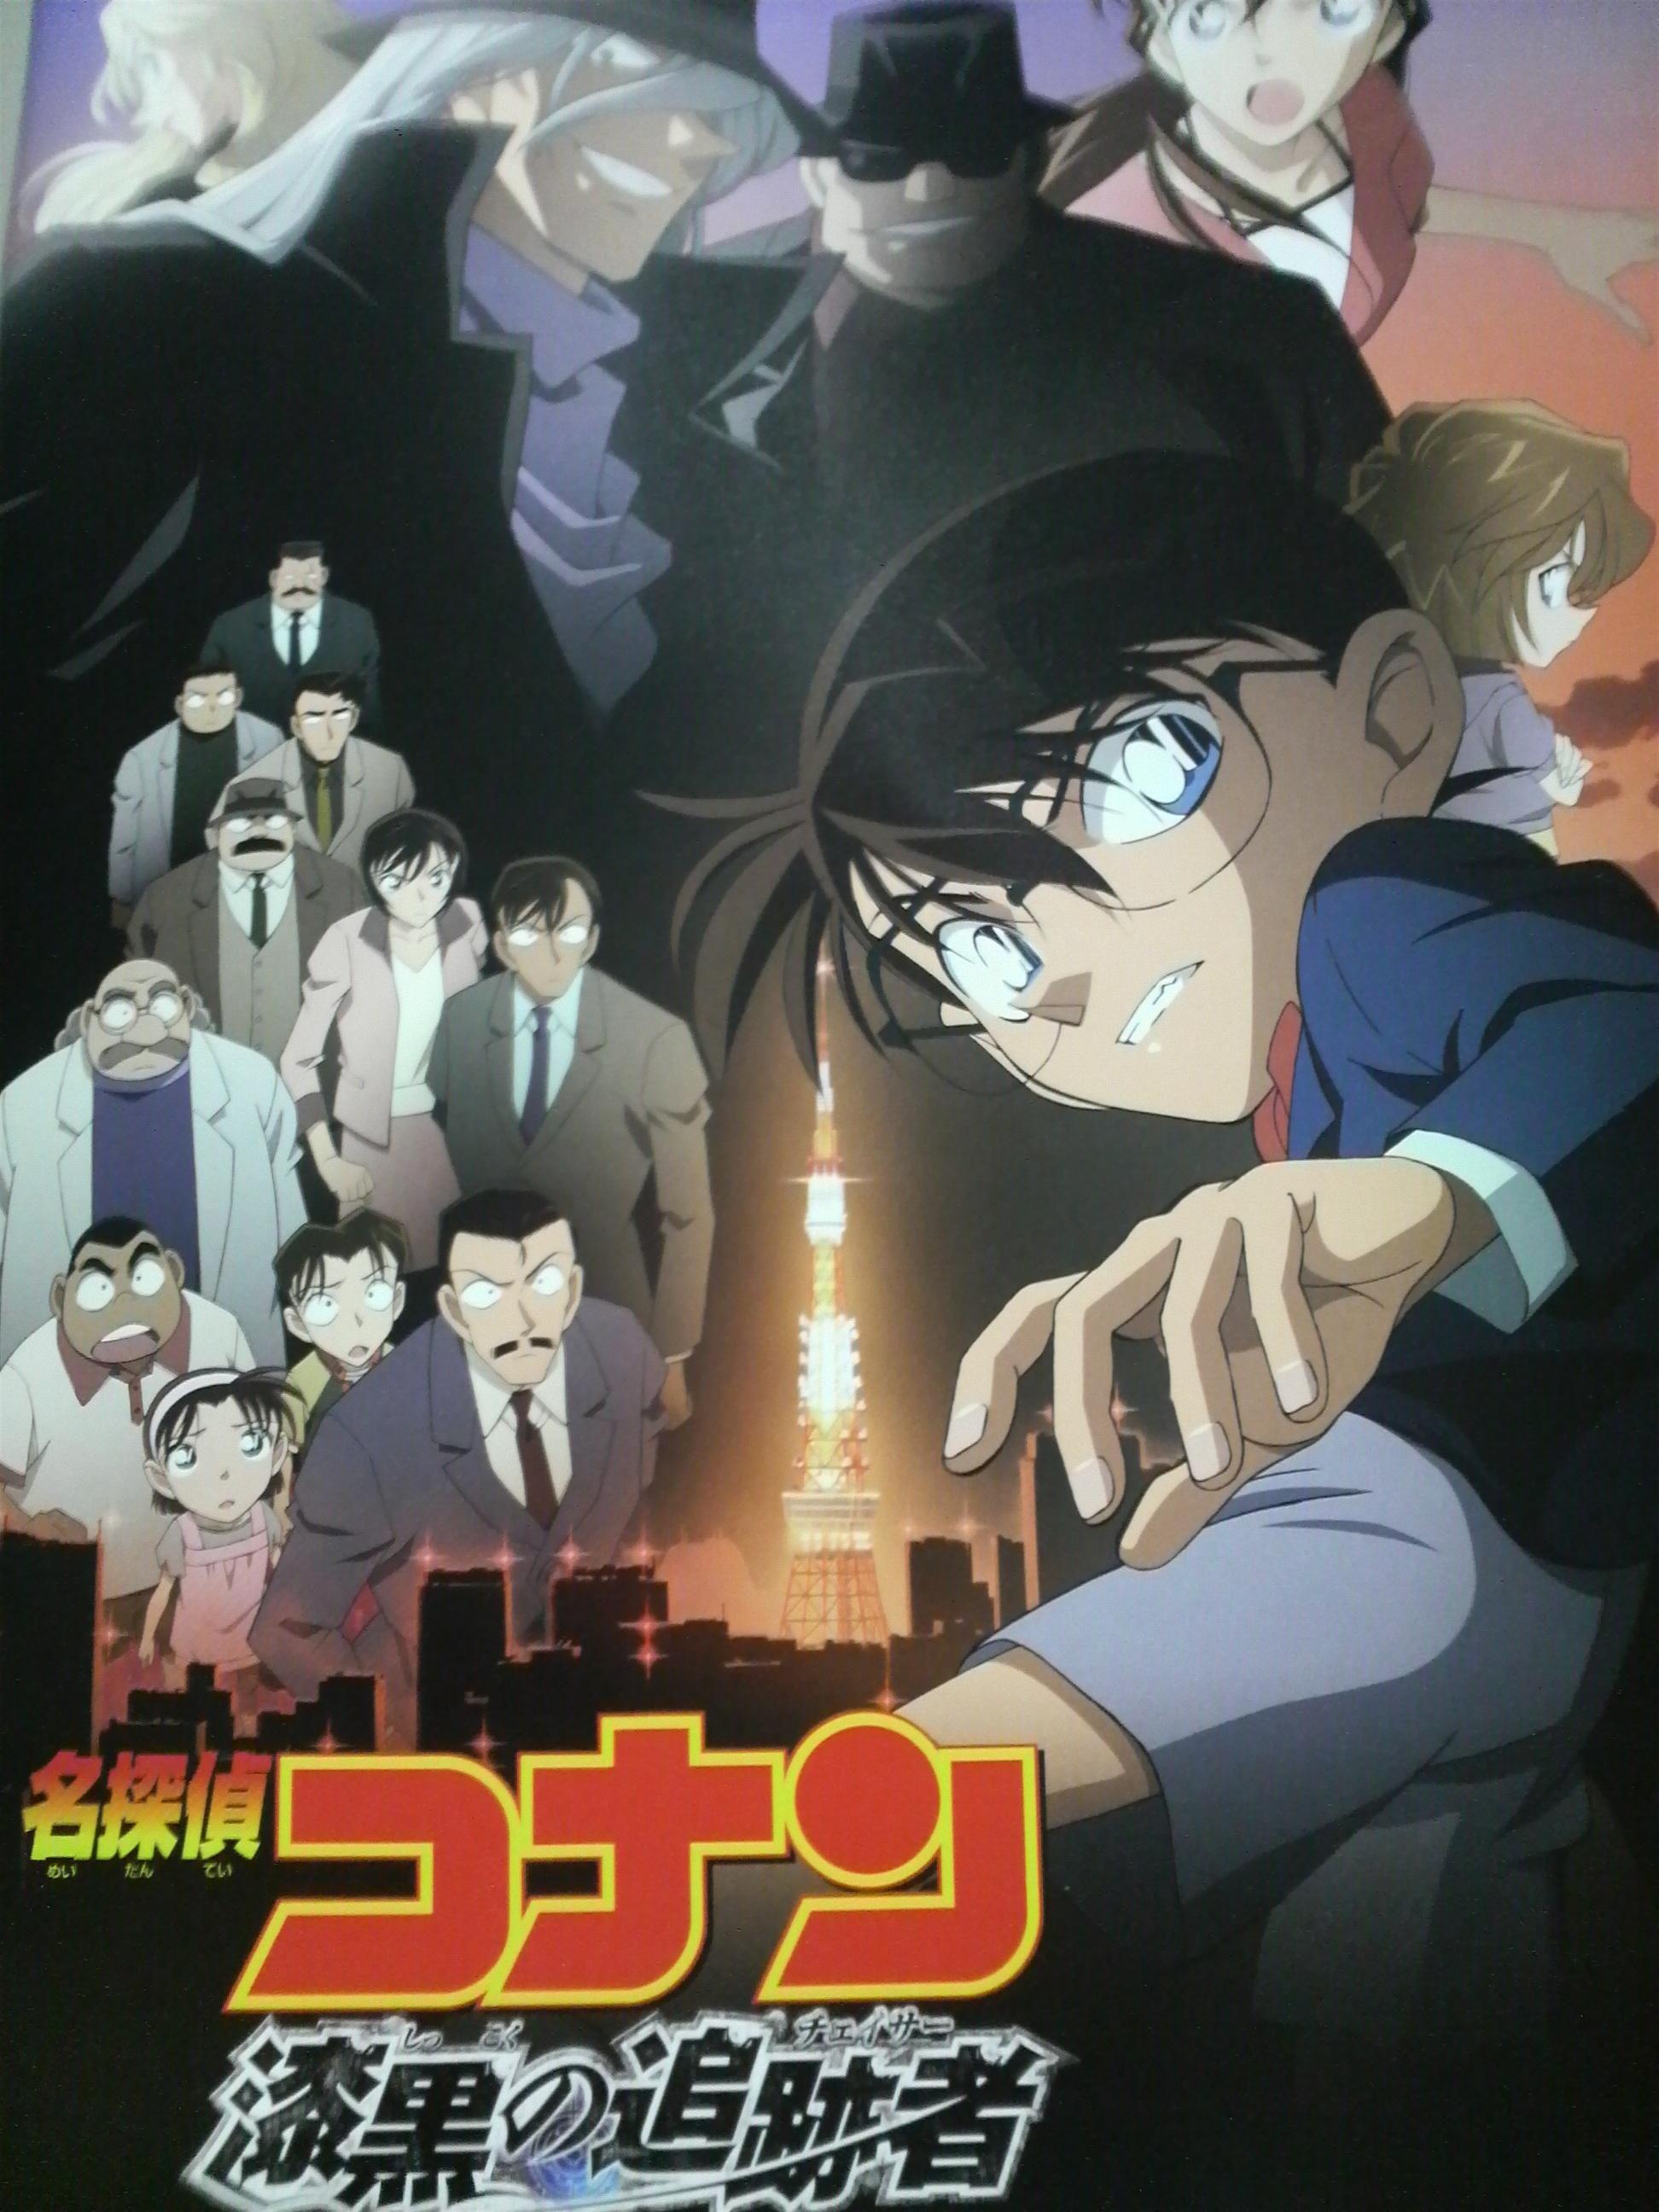 名偵探柯南劇場版:漆黑的追蹤者 2009 | Poster, Anime, Art